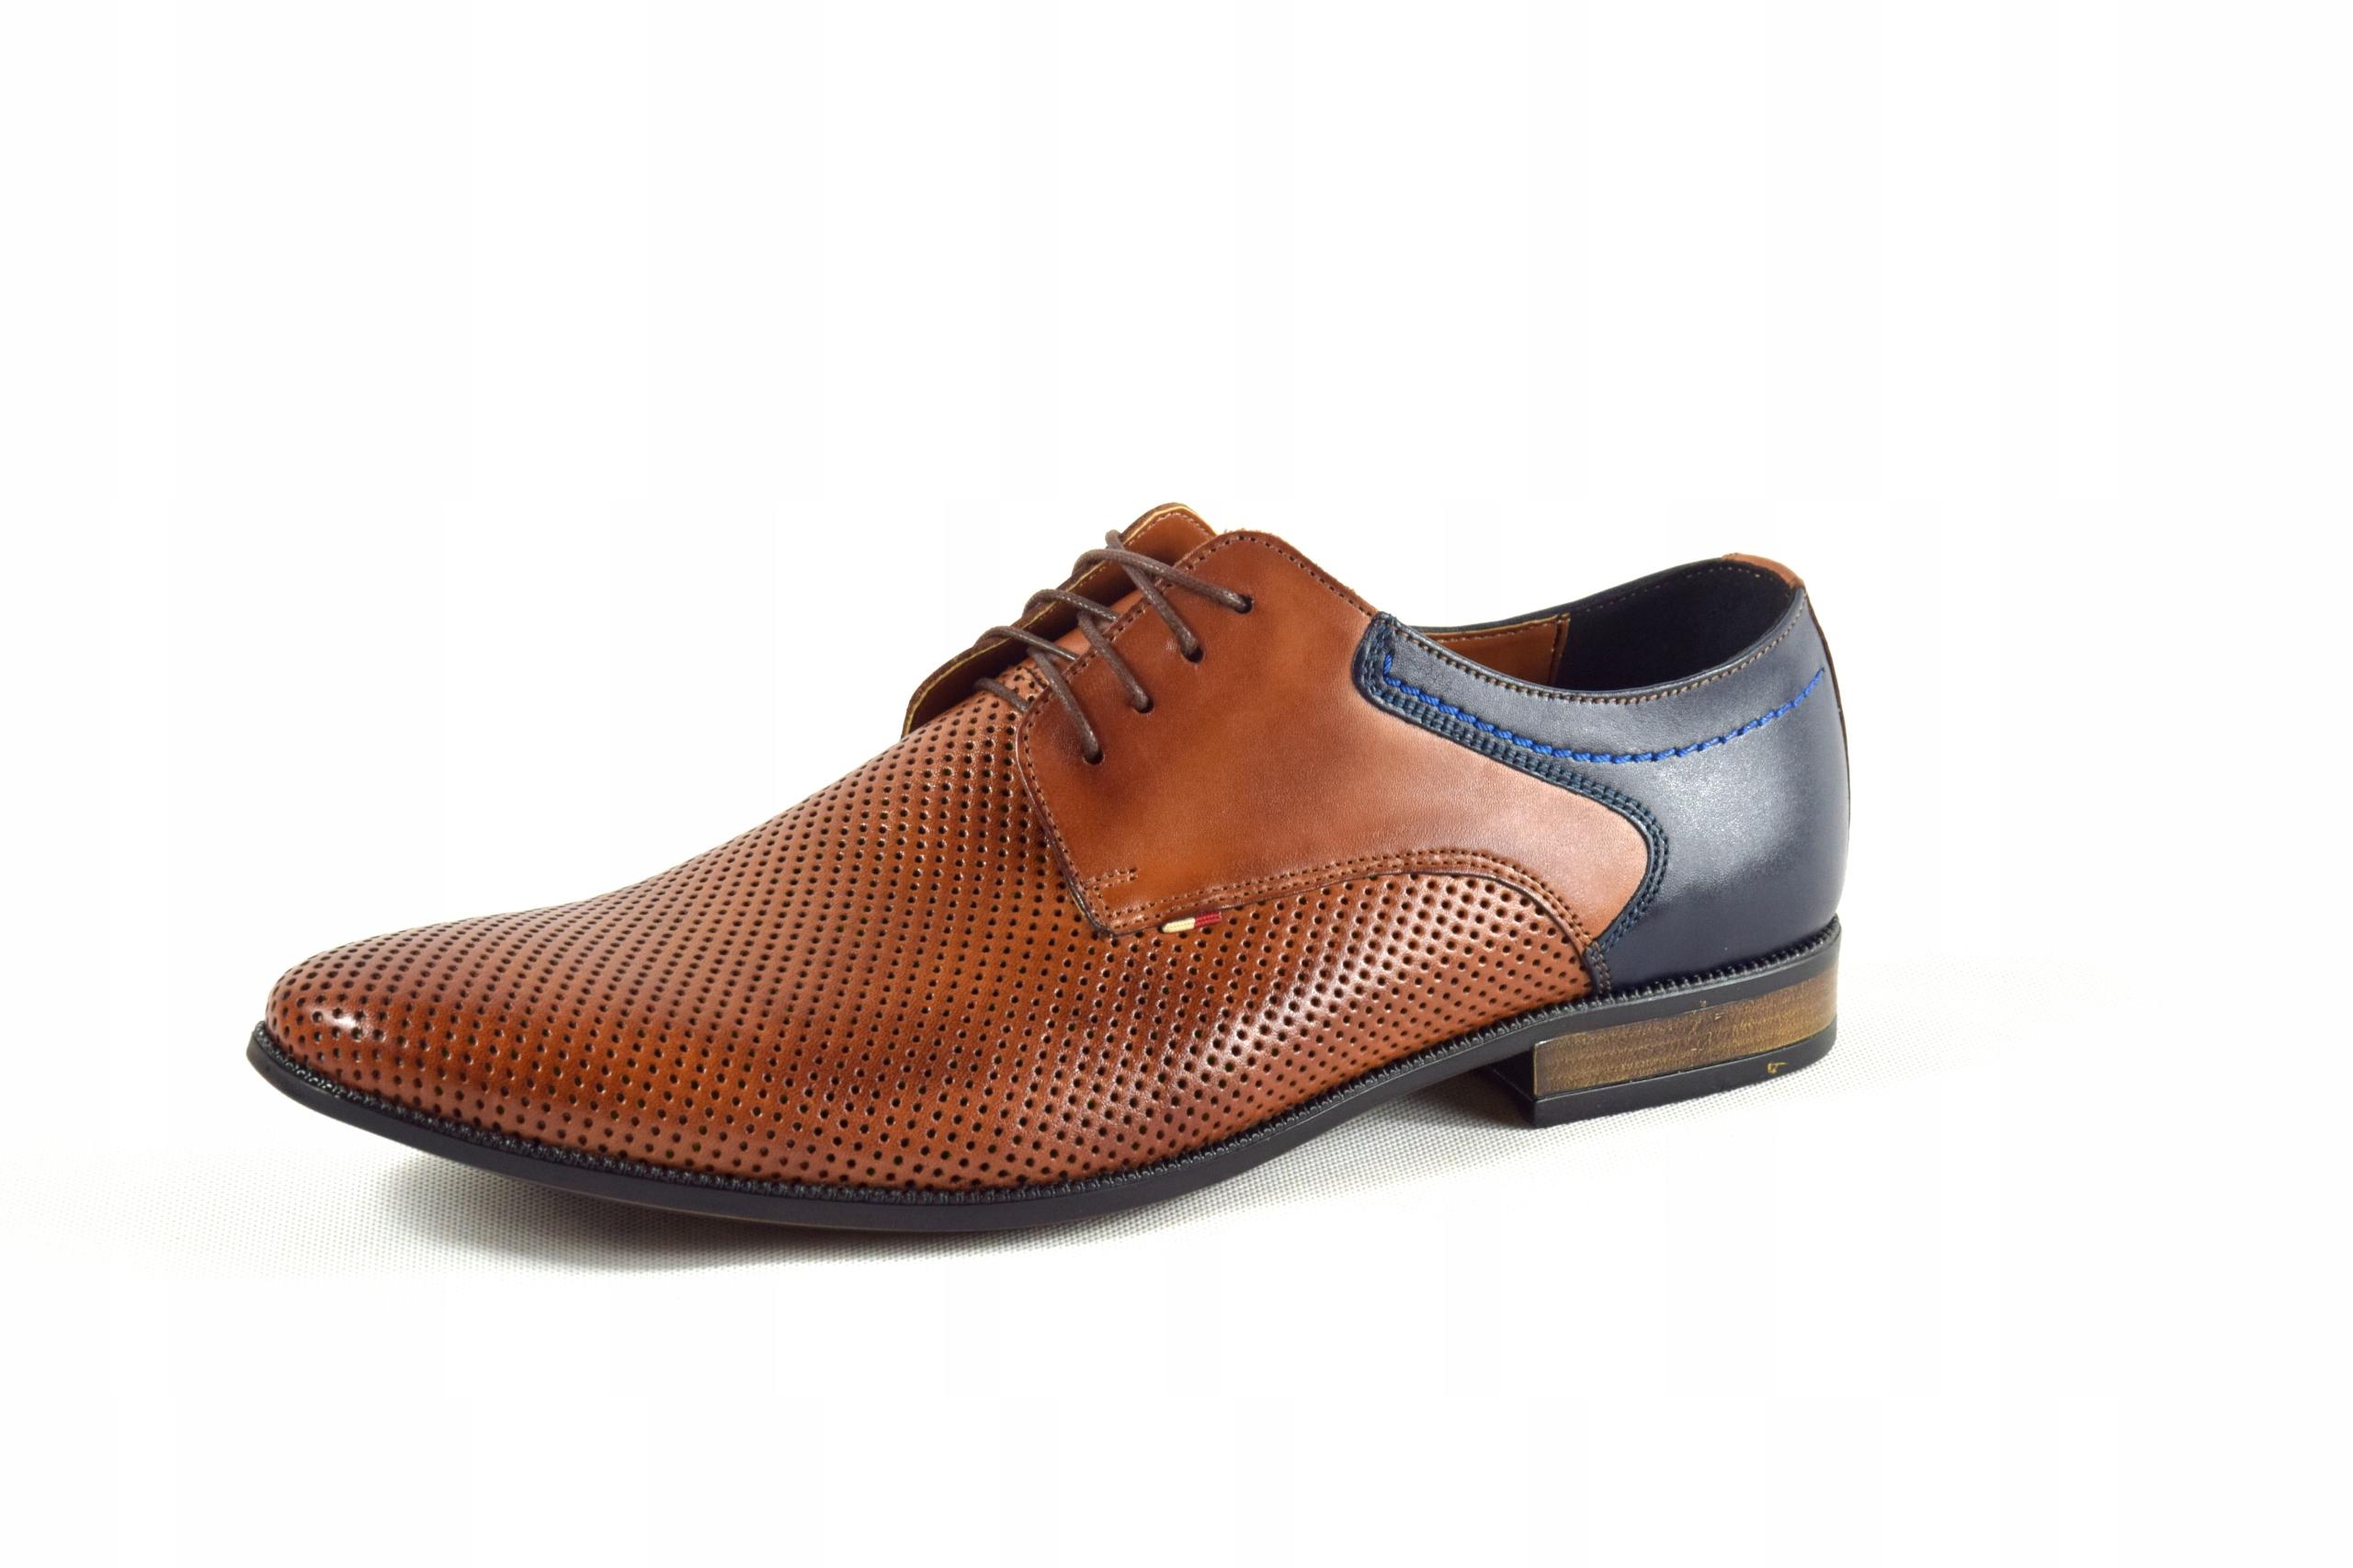 Buty męskie wizytowe skórzane brązowe obuwie 322